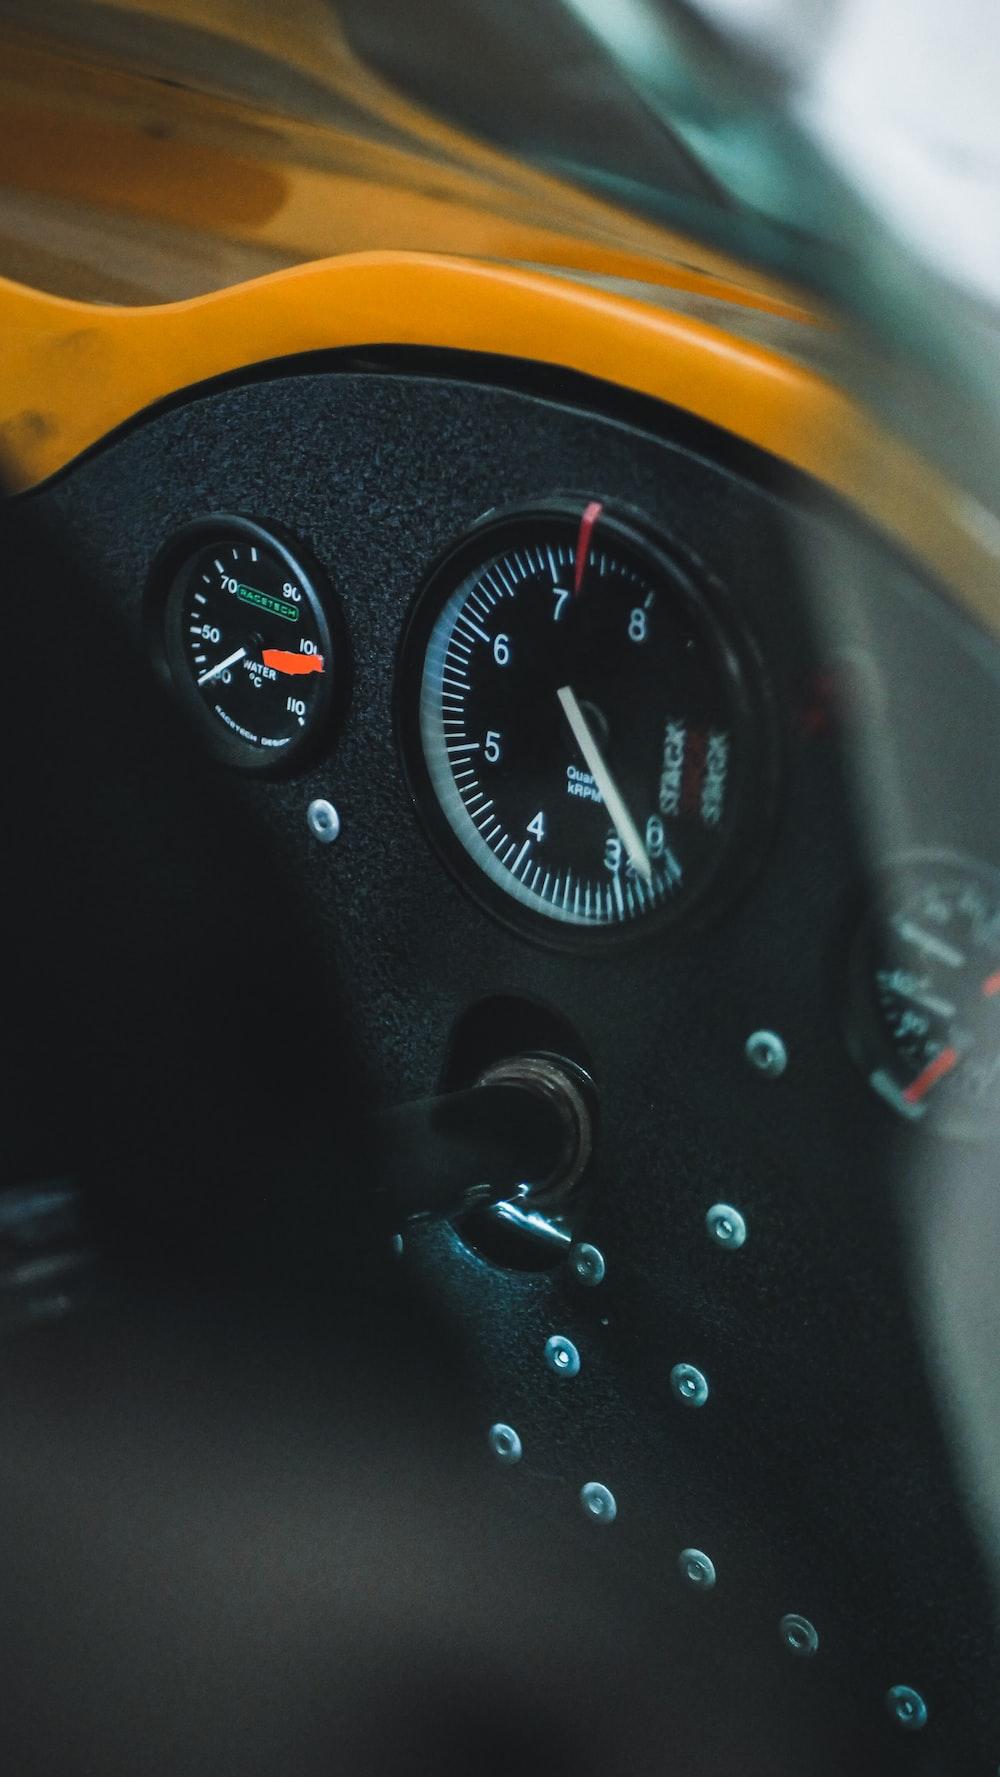 black and white analog speedometer